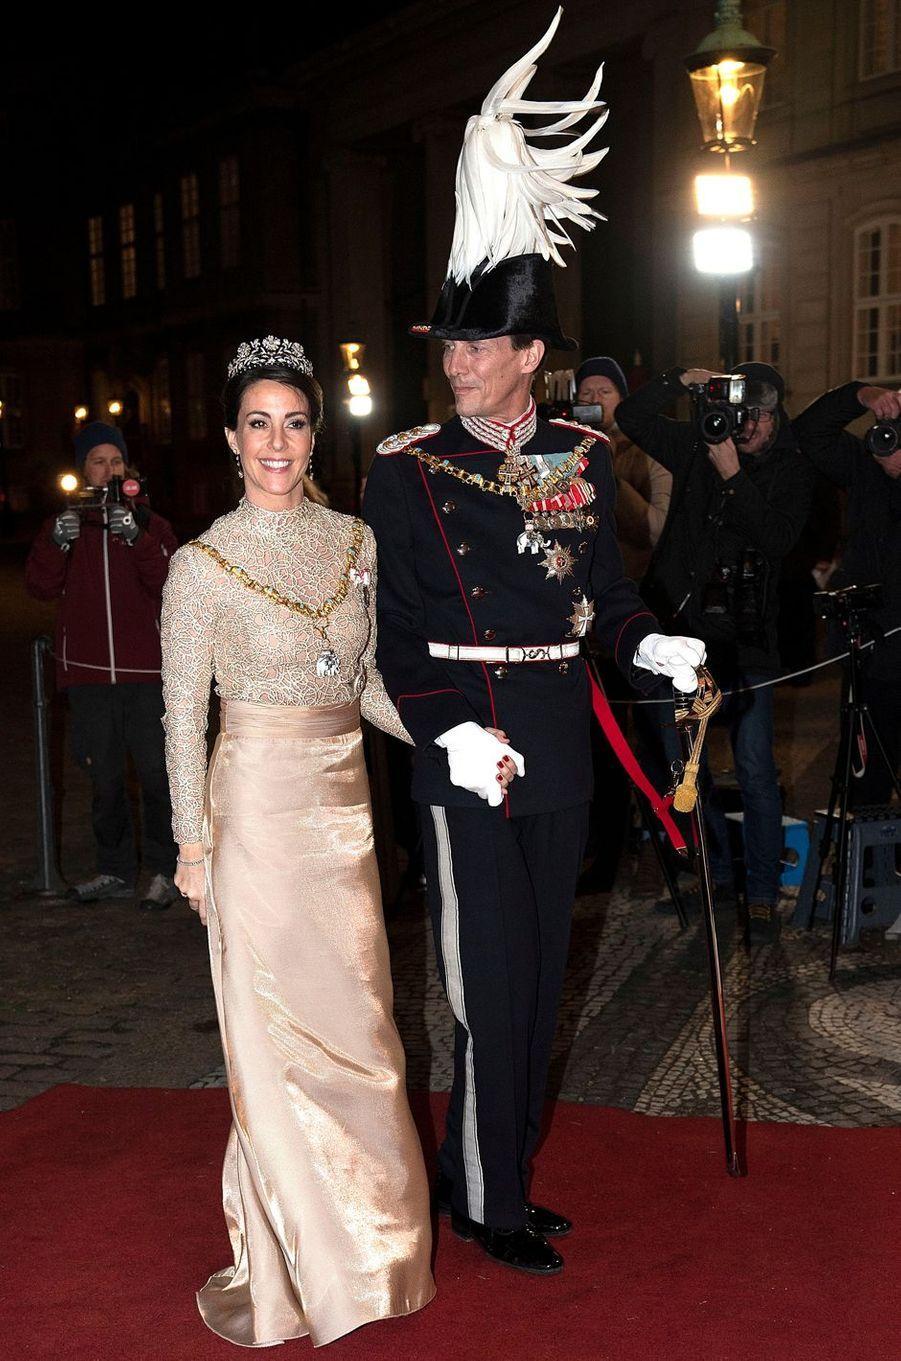 La princesse Marie et le prince Joachim de Danemark à Copenhague, le 1er janvier 2019